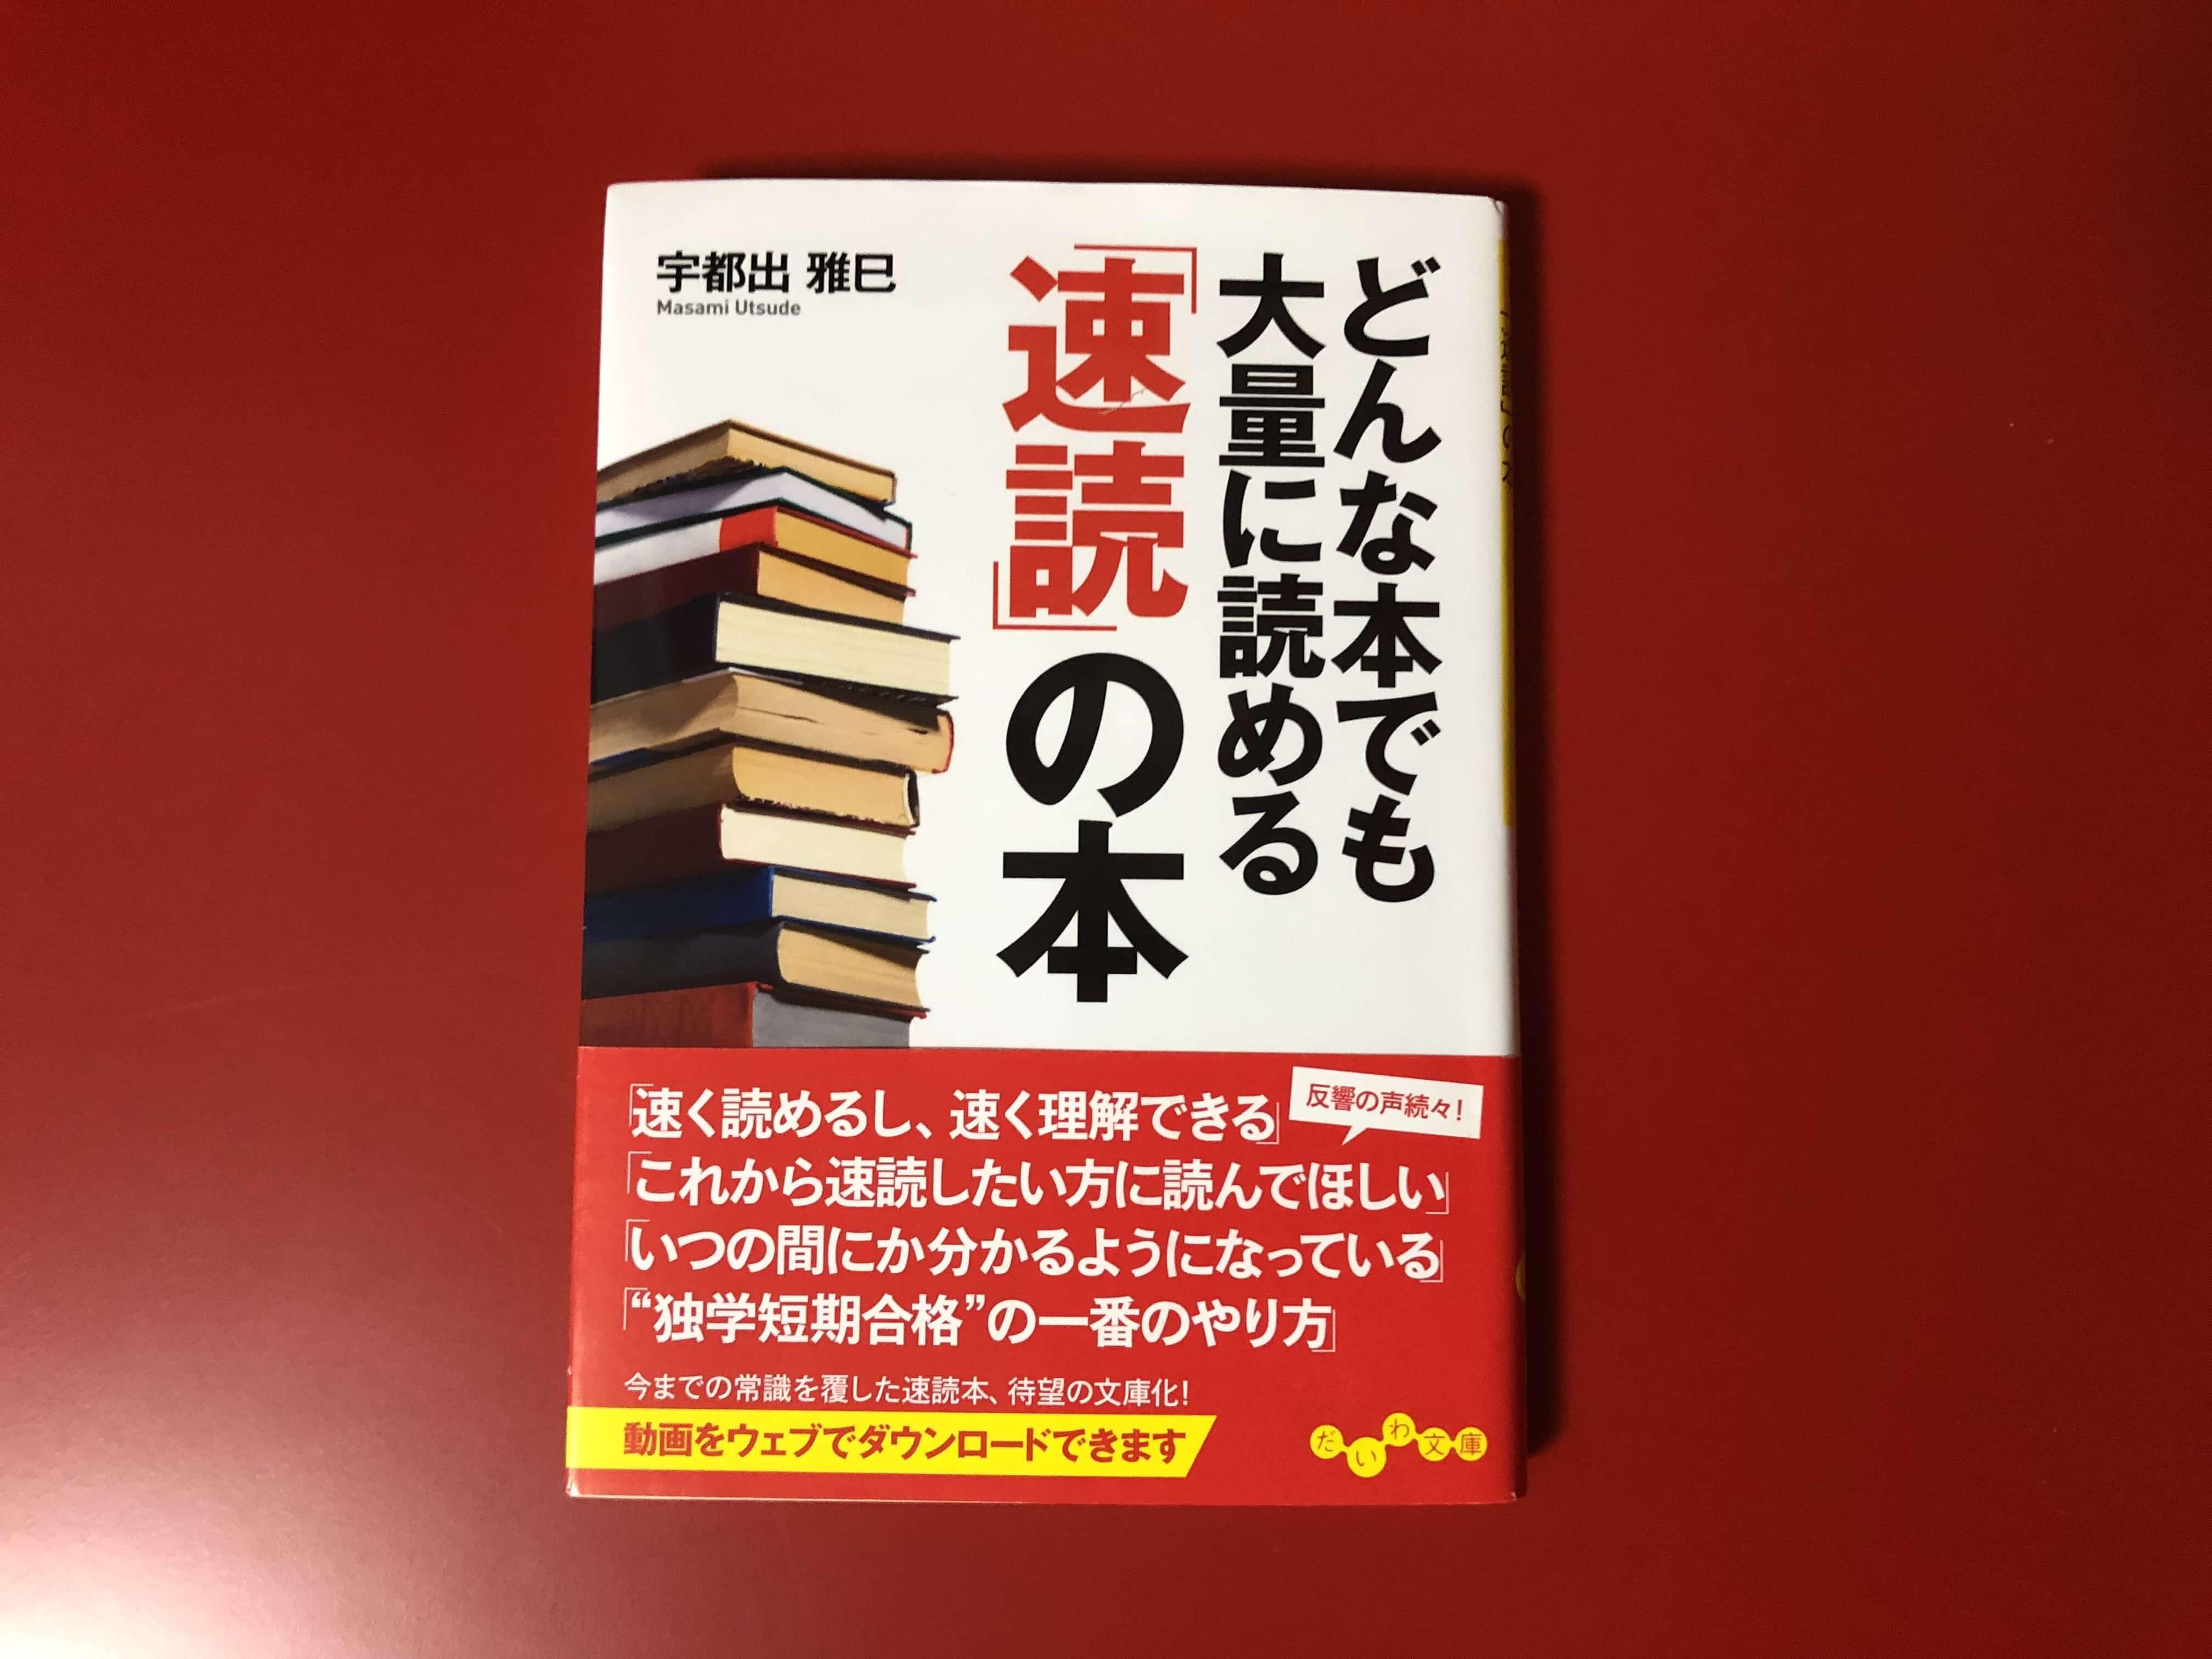 1冊30分でしっかり理解できる速読法